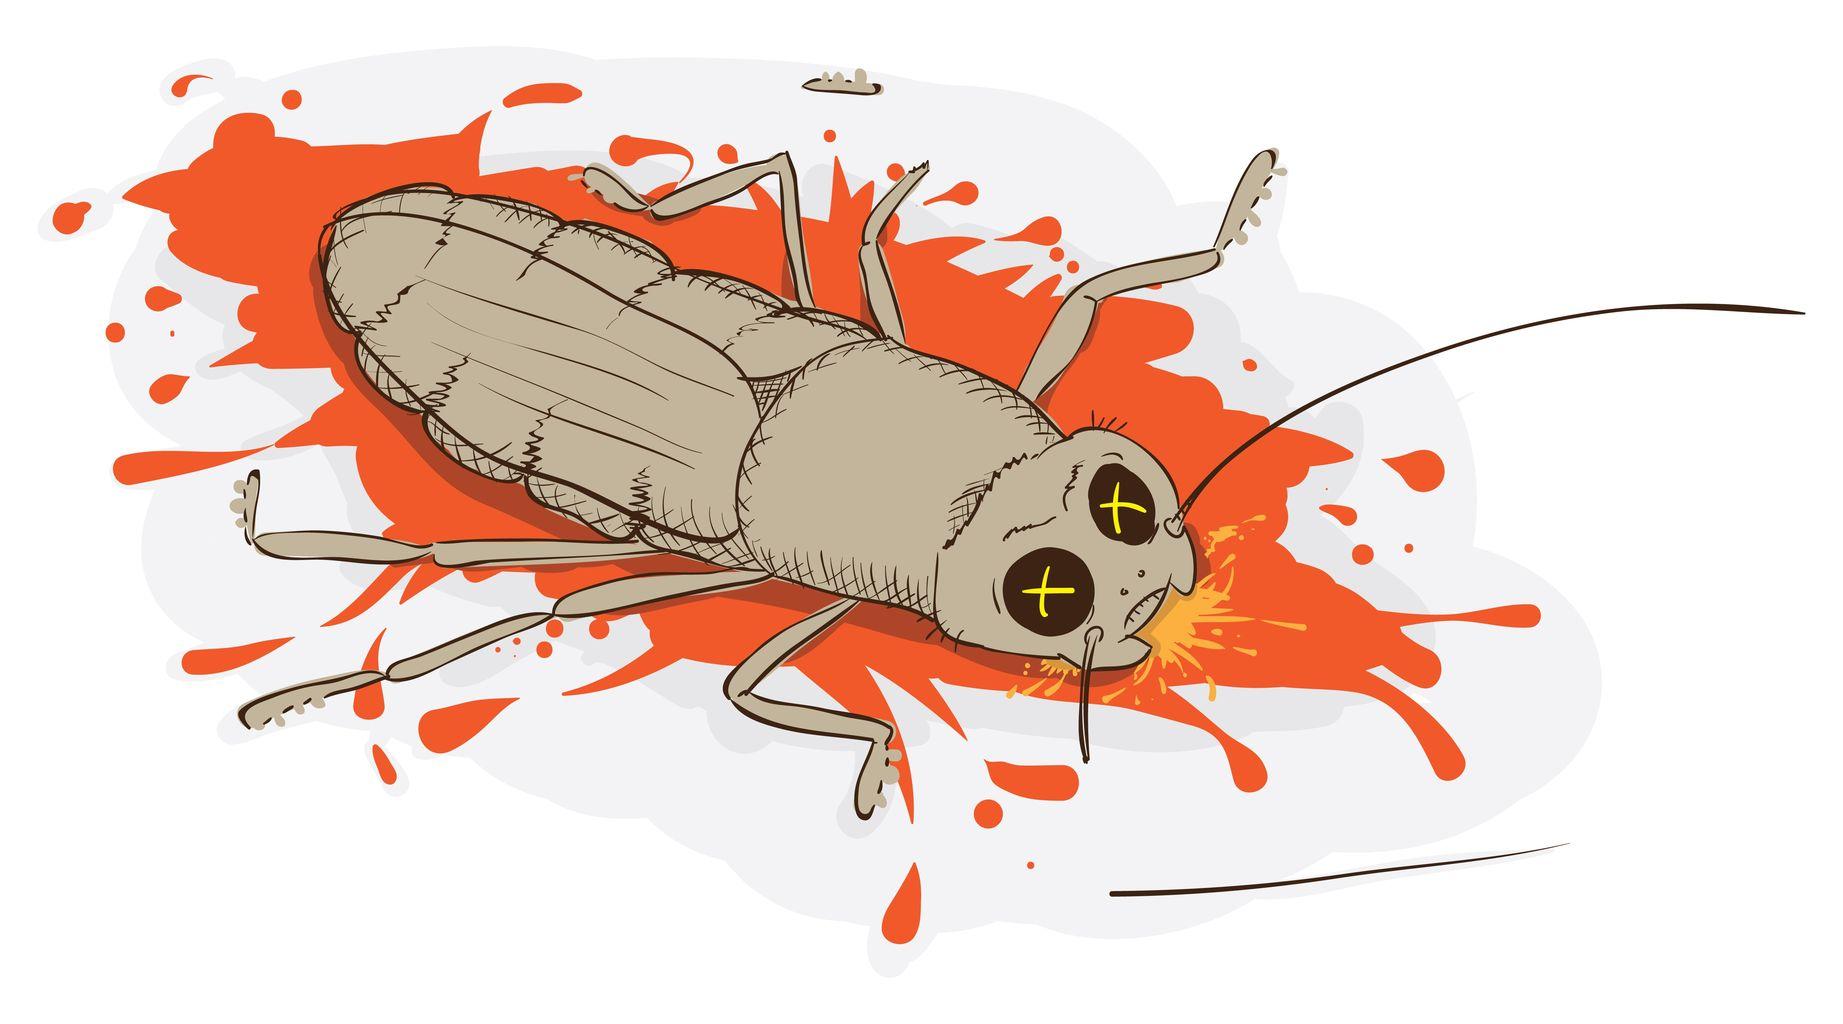 Футболки картинками, смешные картинки тапки от тараканов